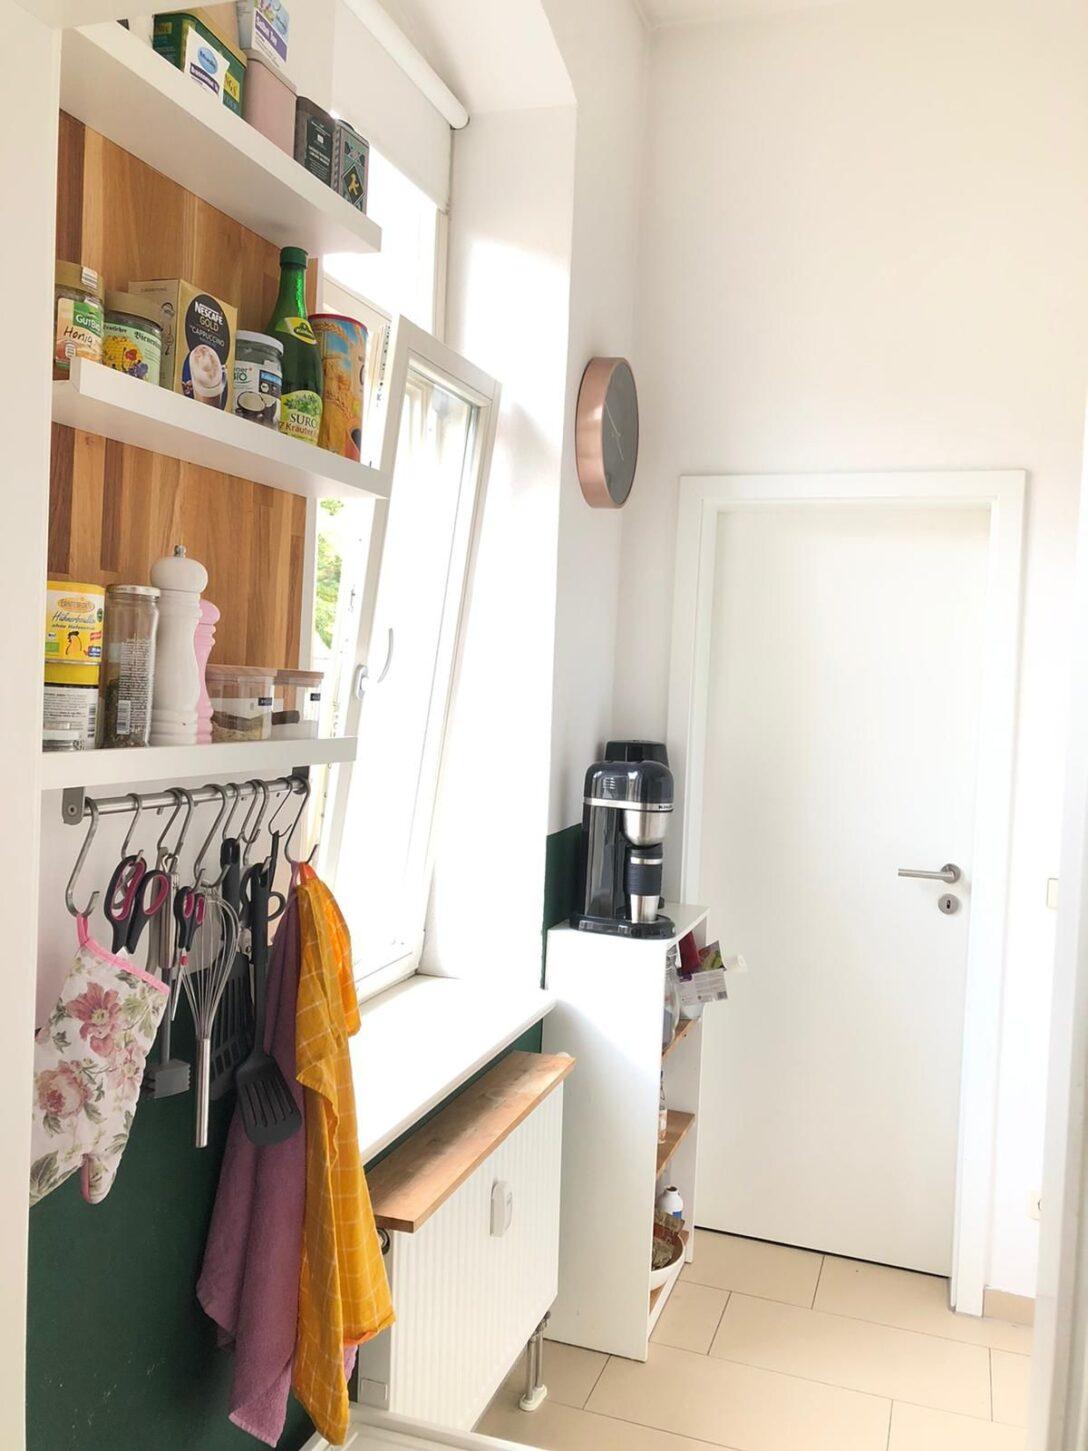 Large Size of Aufbewahrungsbehälter Küche Aufbewahrungssystem Bett Mit Aufbewahrung Aufbewahrungsbox Garten Betten Wohnzimmer Aufbewahrung Küchenutensilien